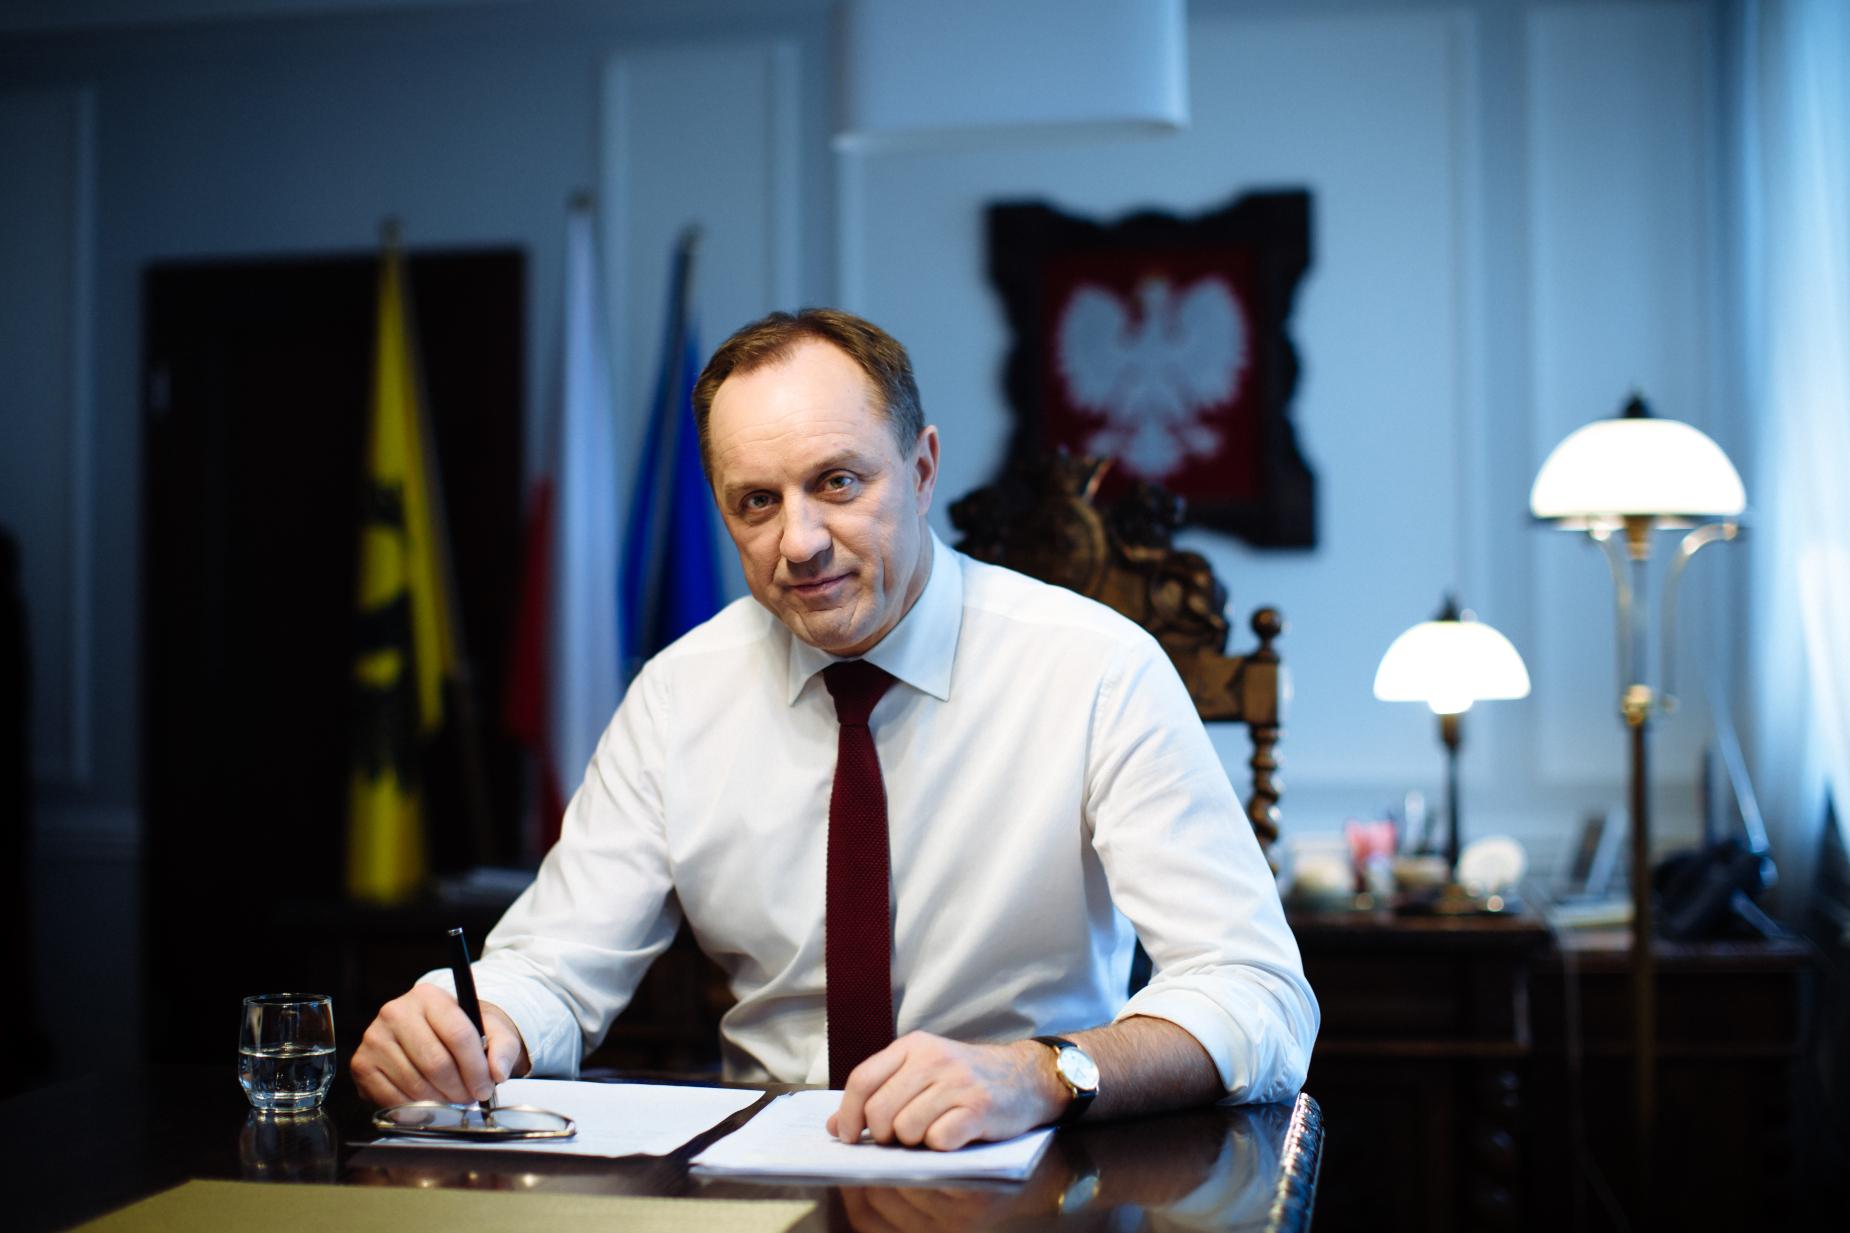 Ten kryzys pokazał siłę lokalnych wspólnot – Rozmowa z marszałkiem województwa pomorskiego Mieczysławem Strukiem